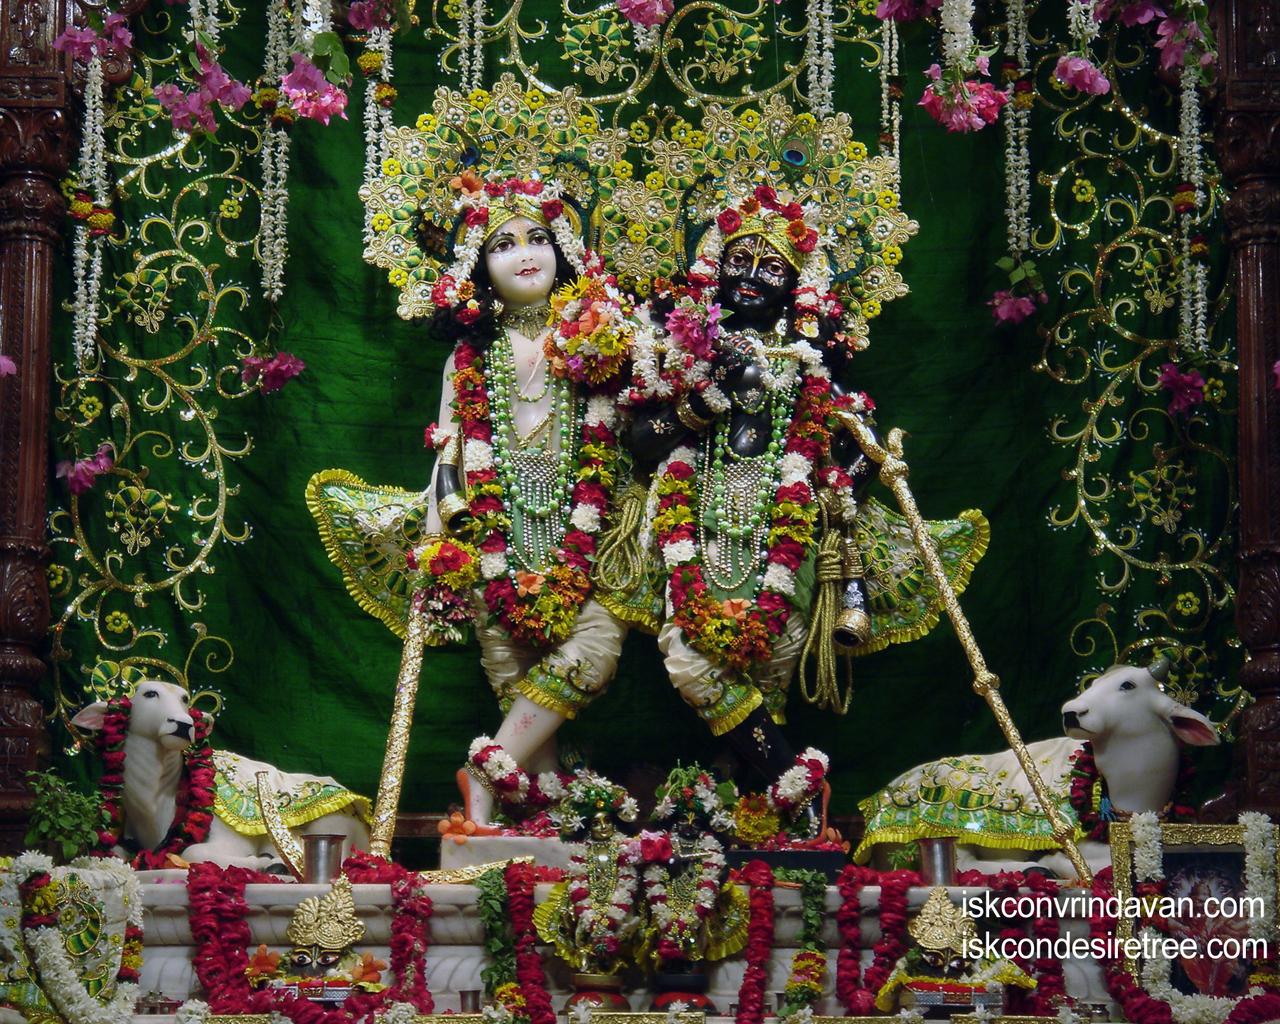 Sri Sri Krishna Balaram Wallpaper (056) Size 1280x1024 Download